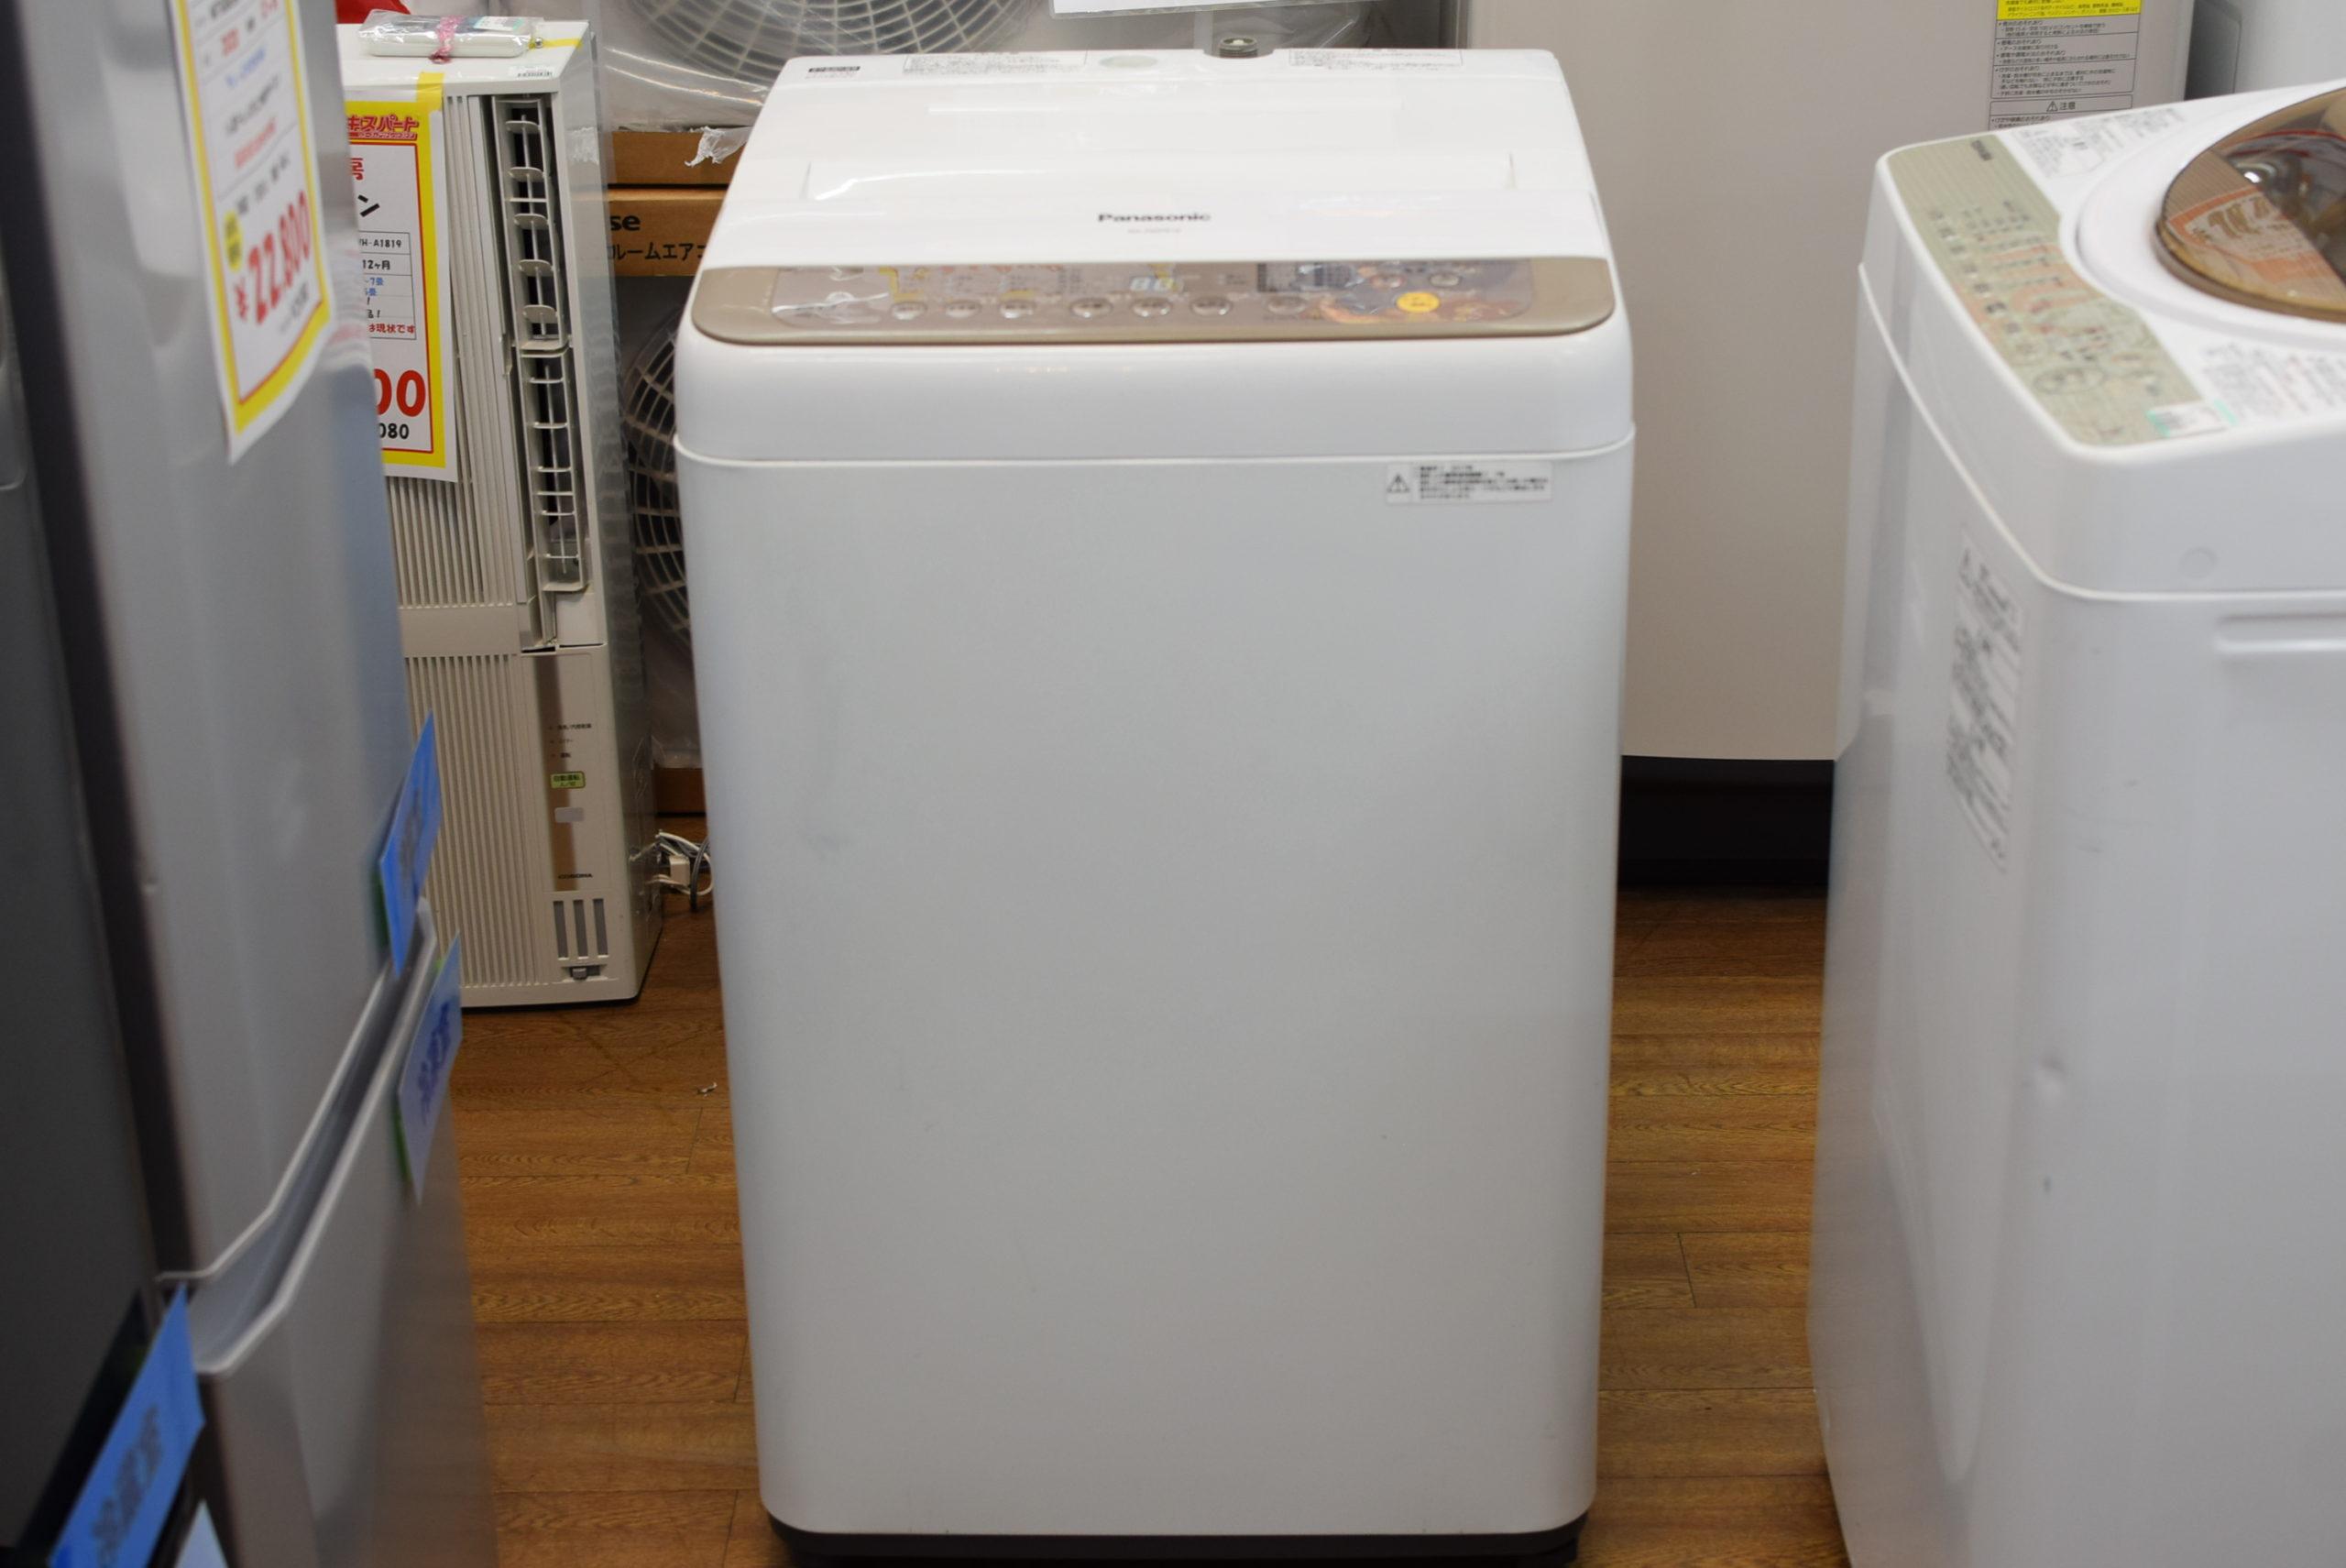 6.0㎏洗濯機 Panasonic NA-F60PB10